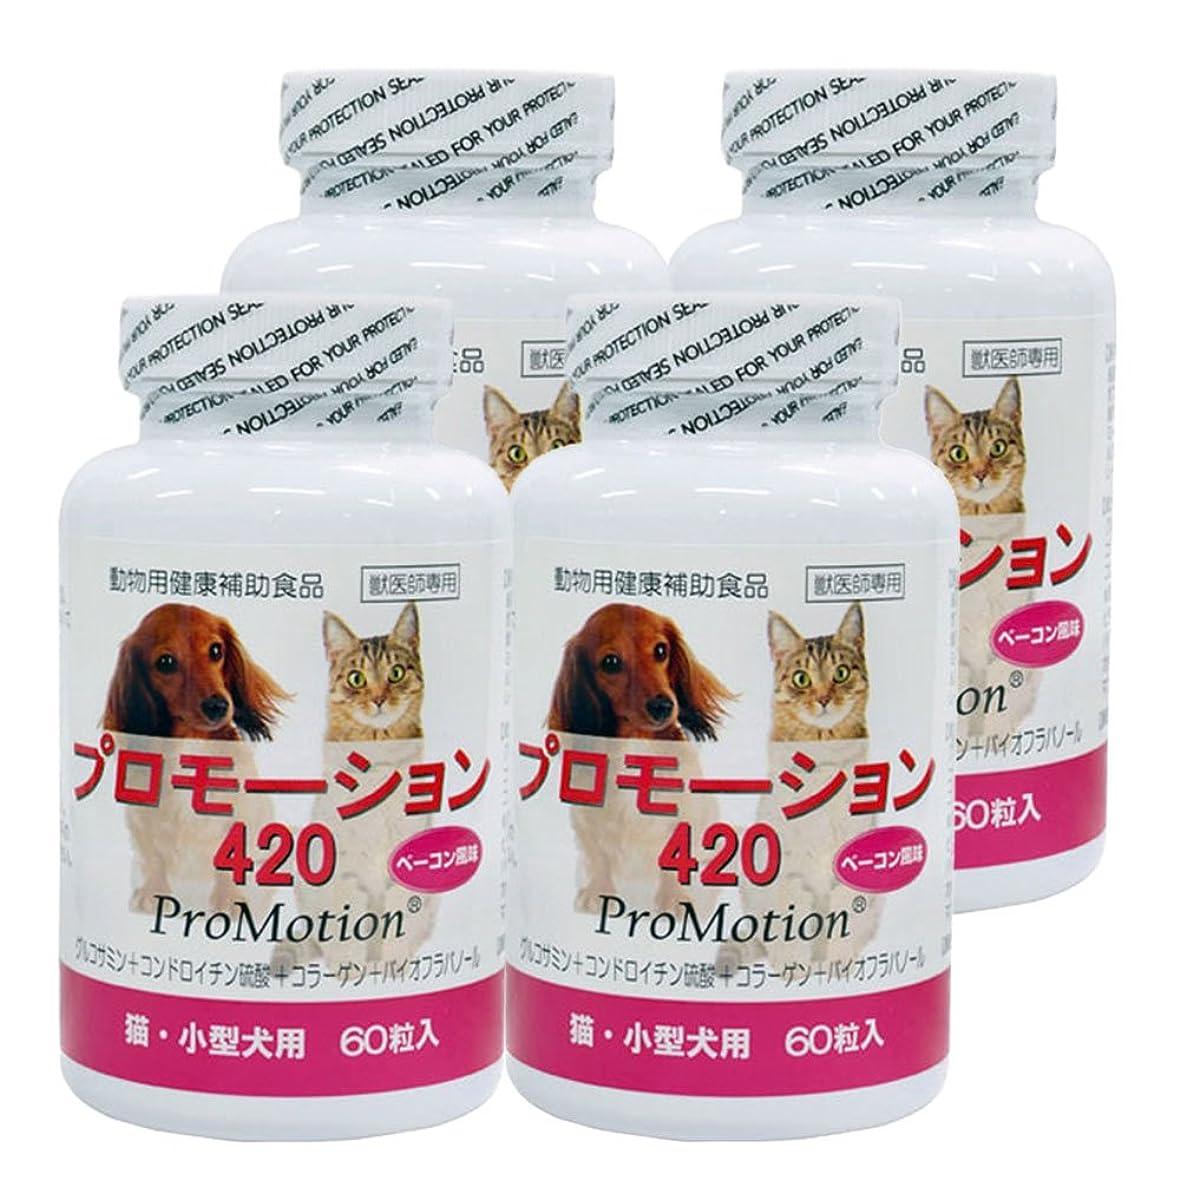 【4個セット】プロモーション420 小型犬?猫用 60粒